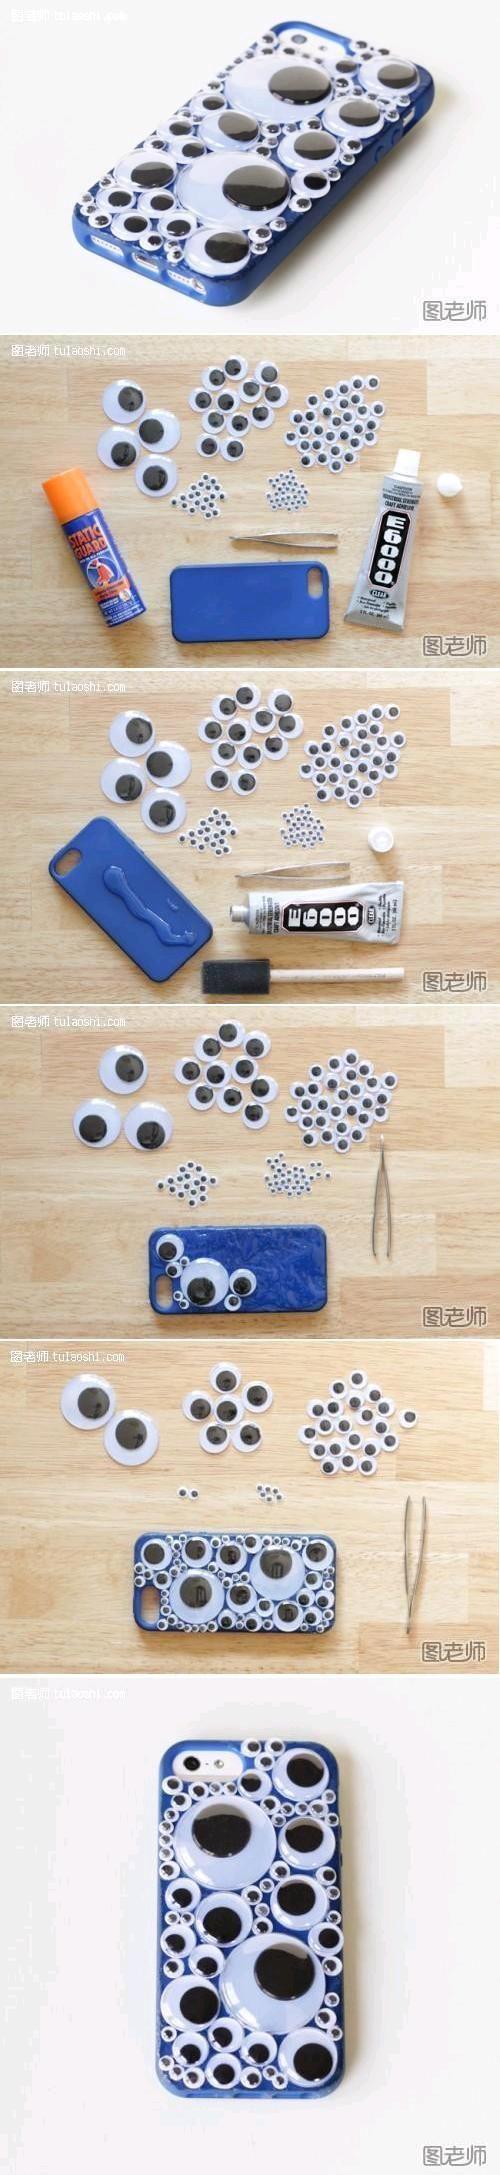 DIY Bubble Phone Case